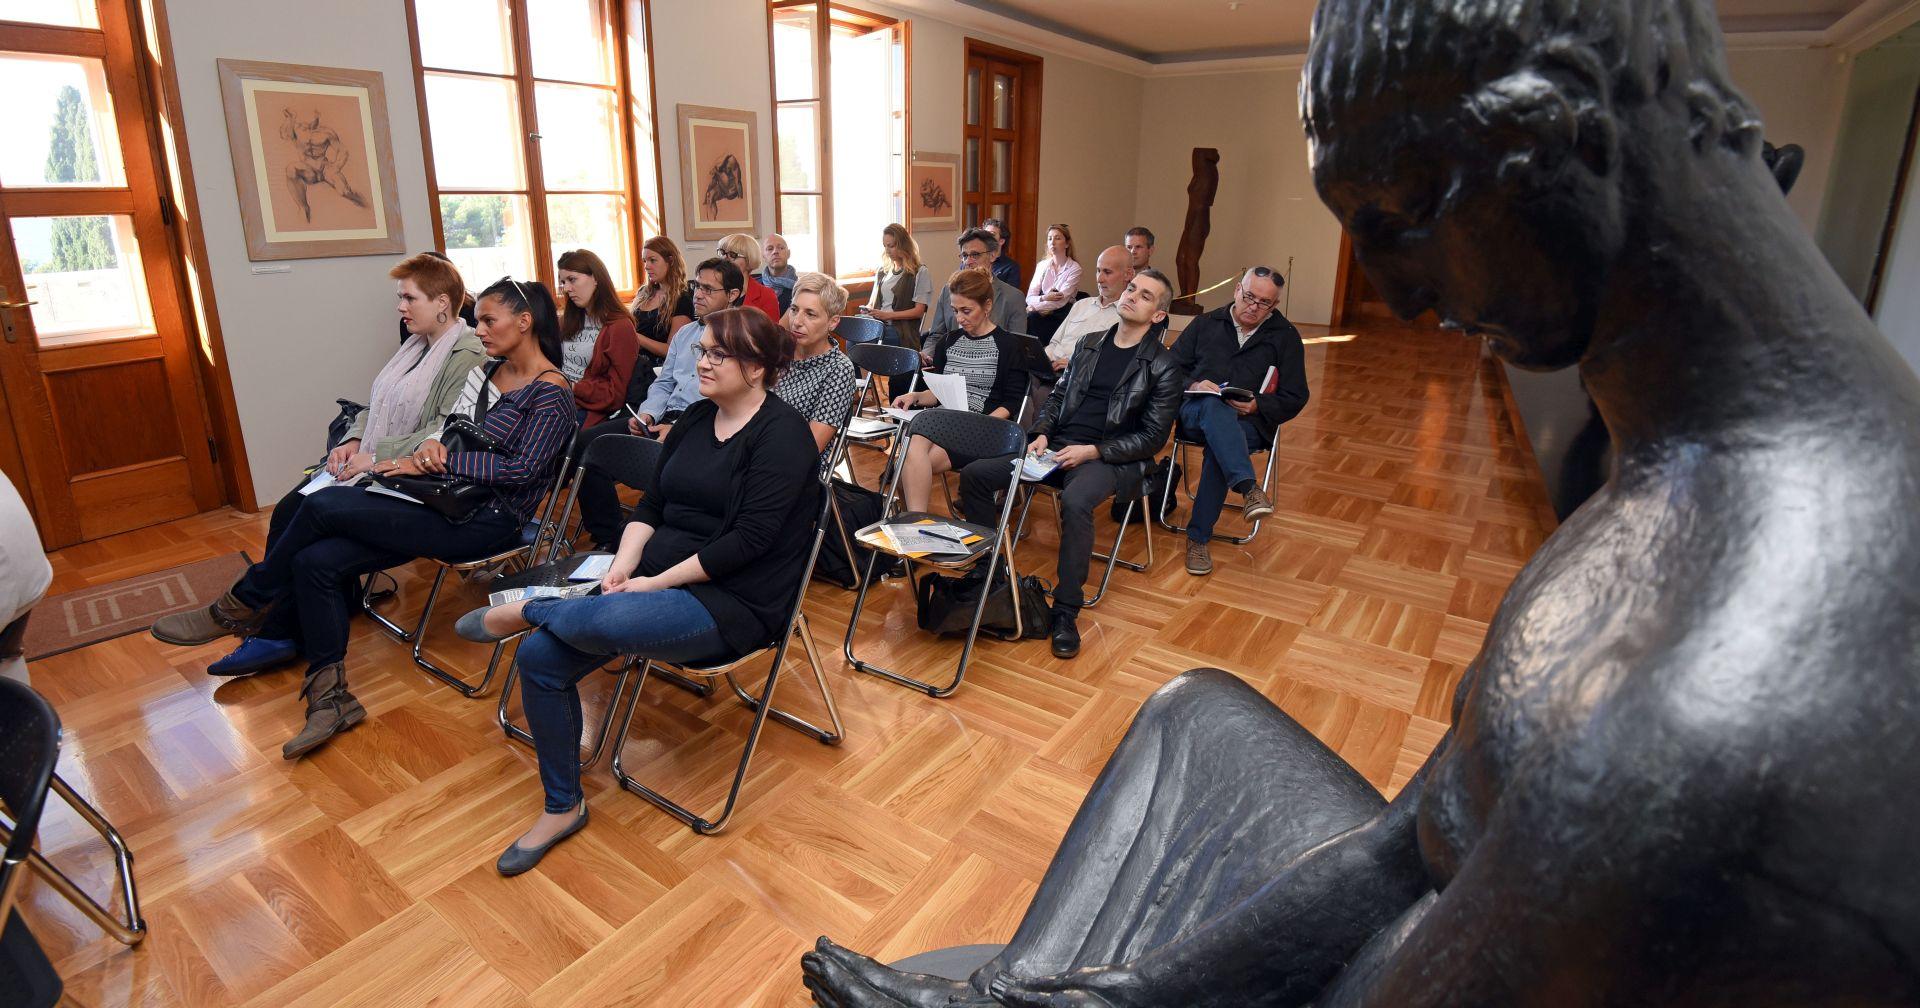 U Splitu počela znanstvena konferencija o skulpturama i spomenicima